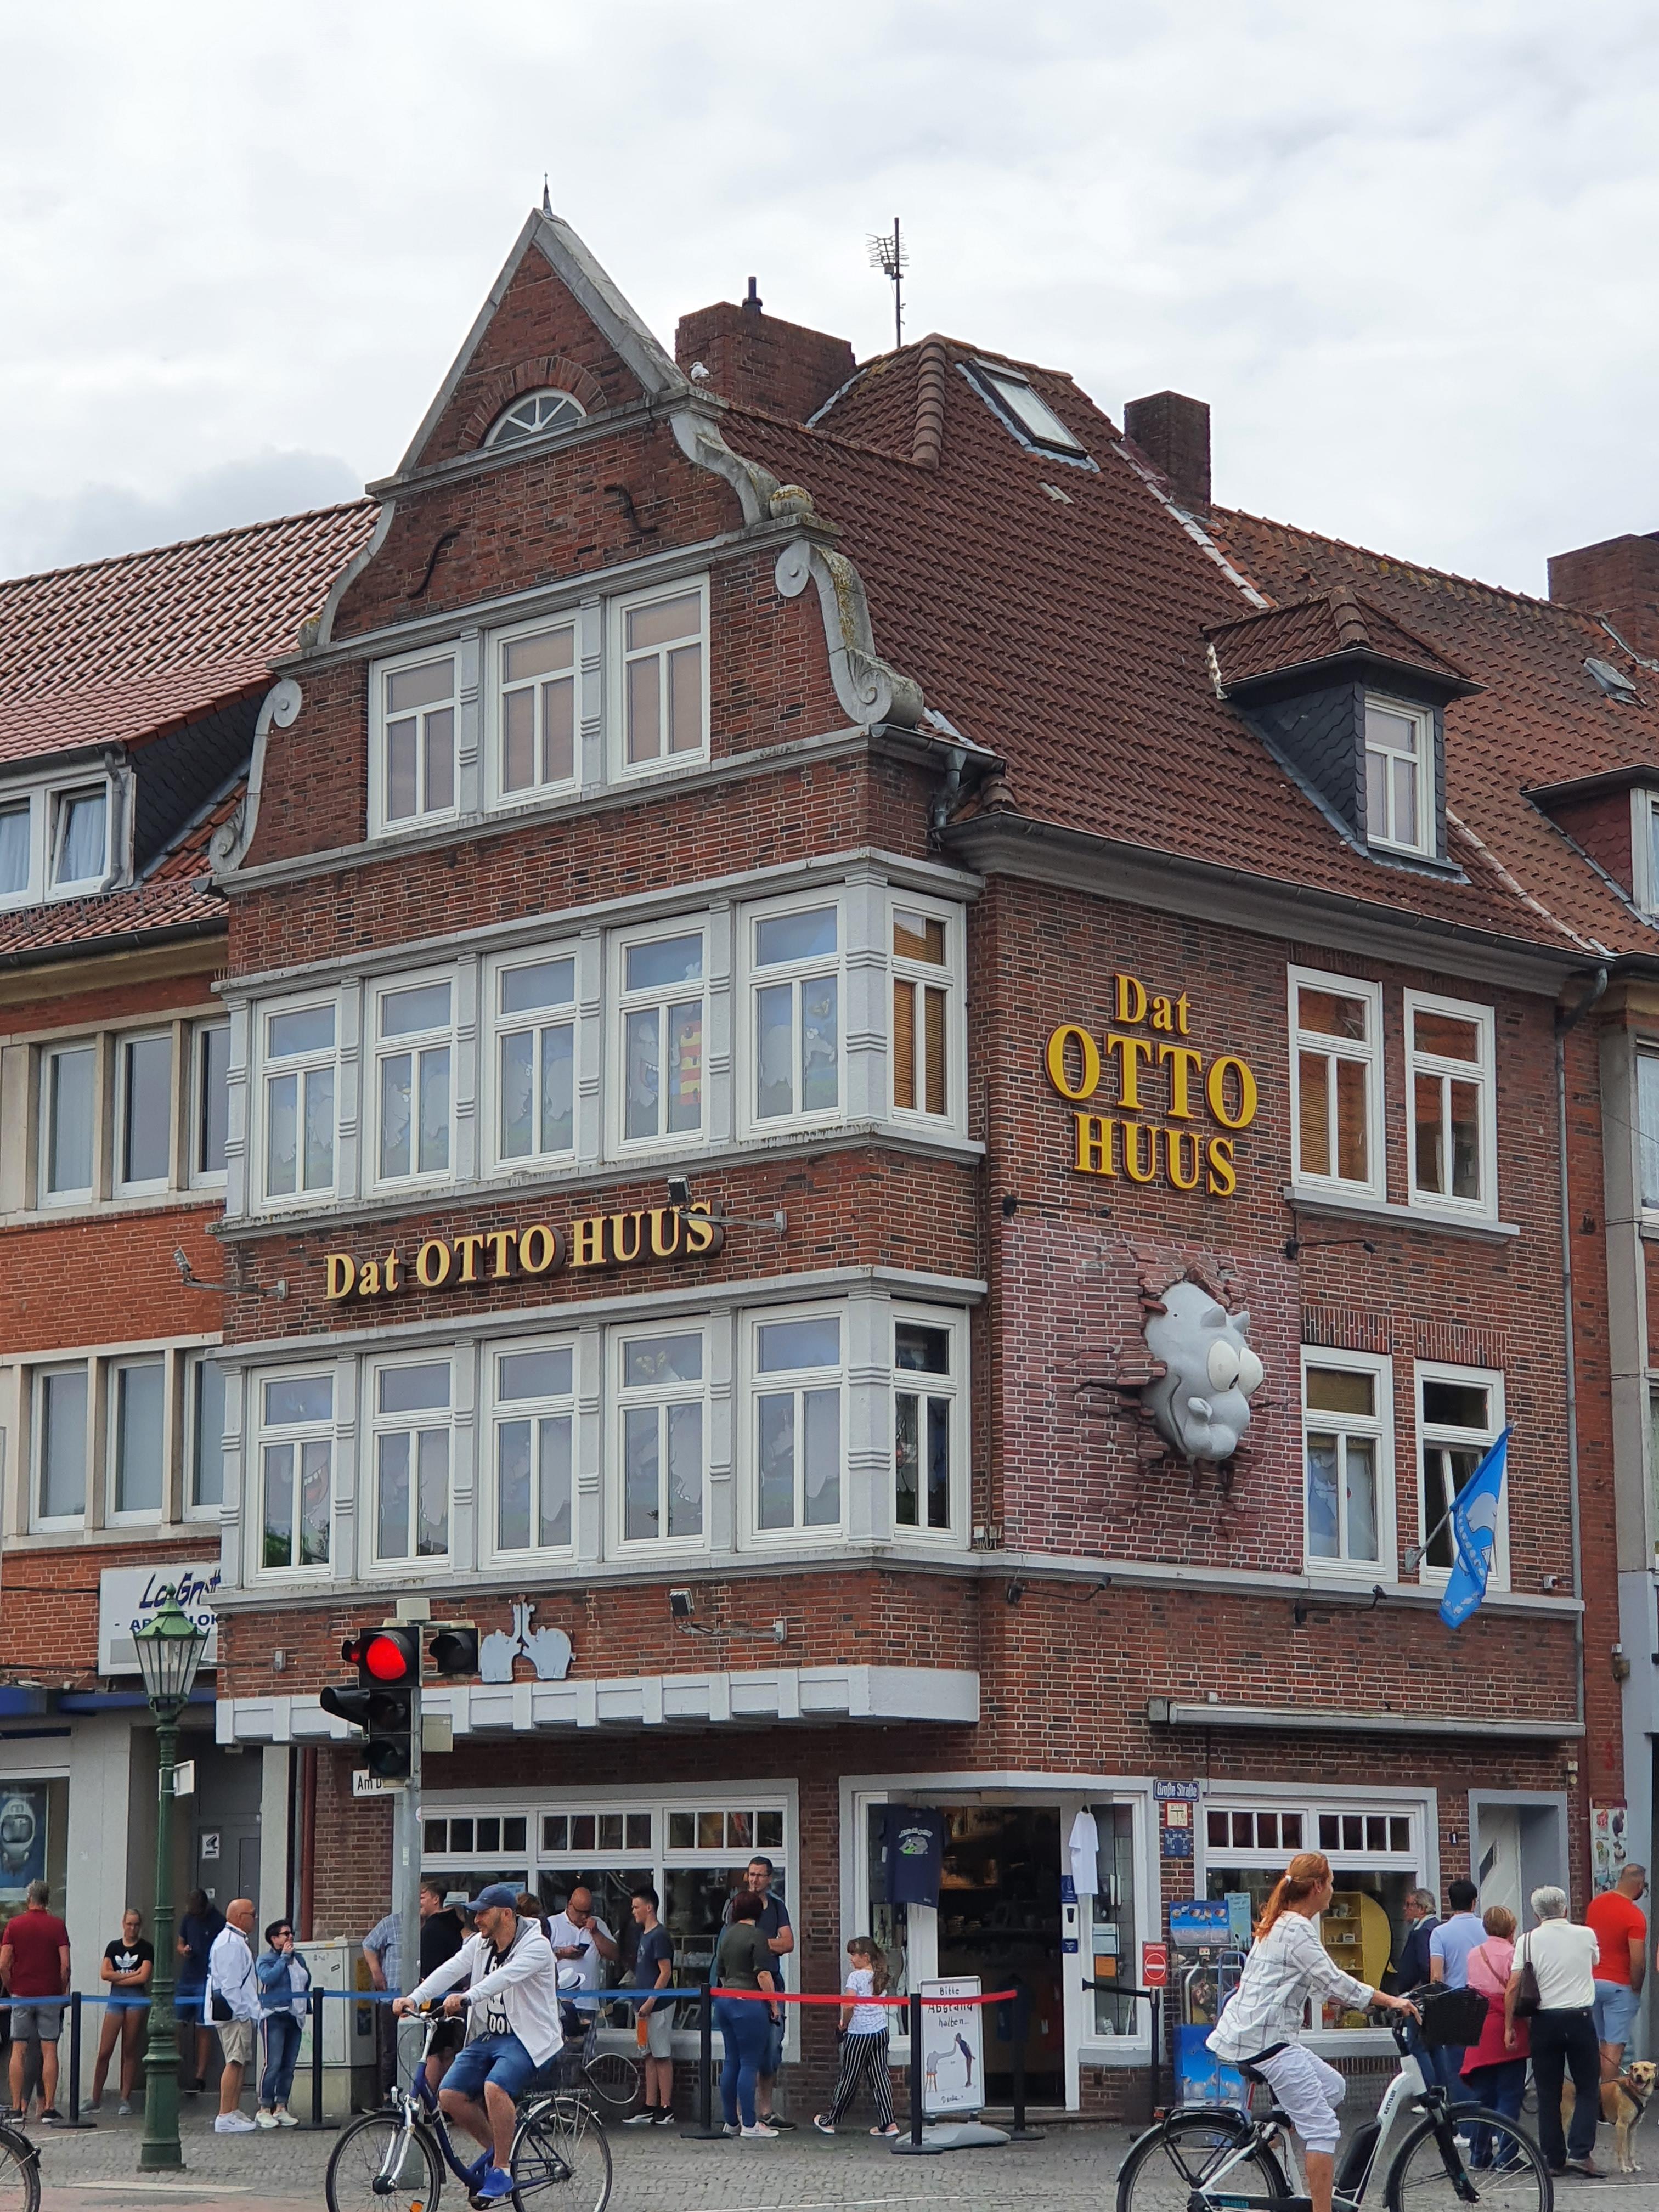 Dat Otto Huus Emden